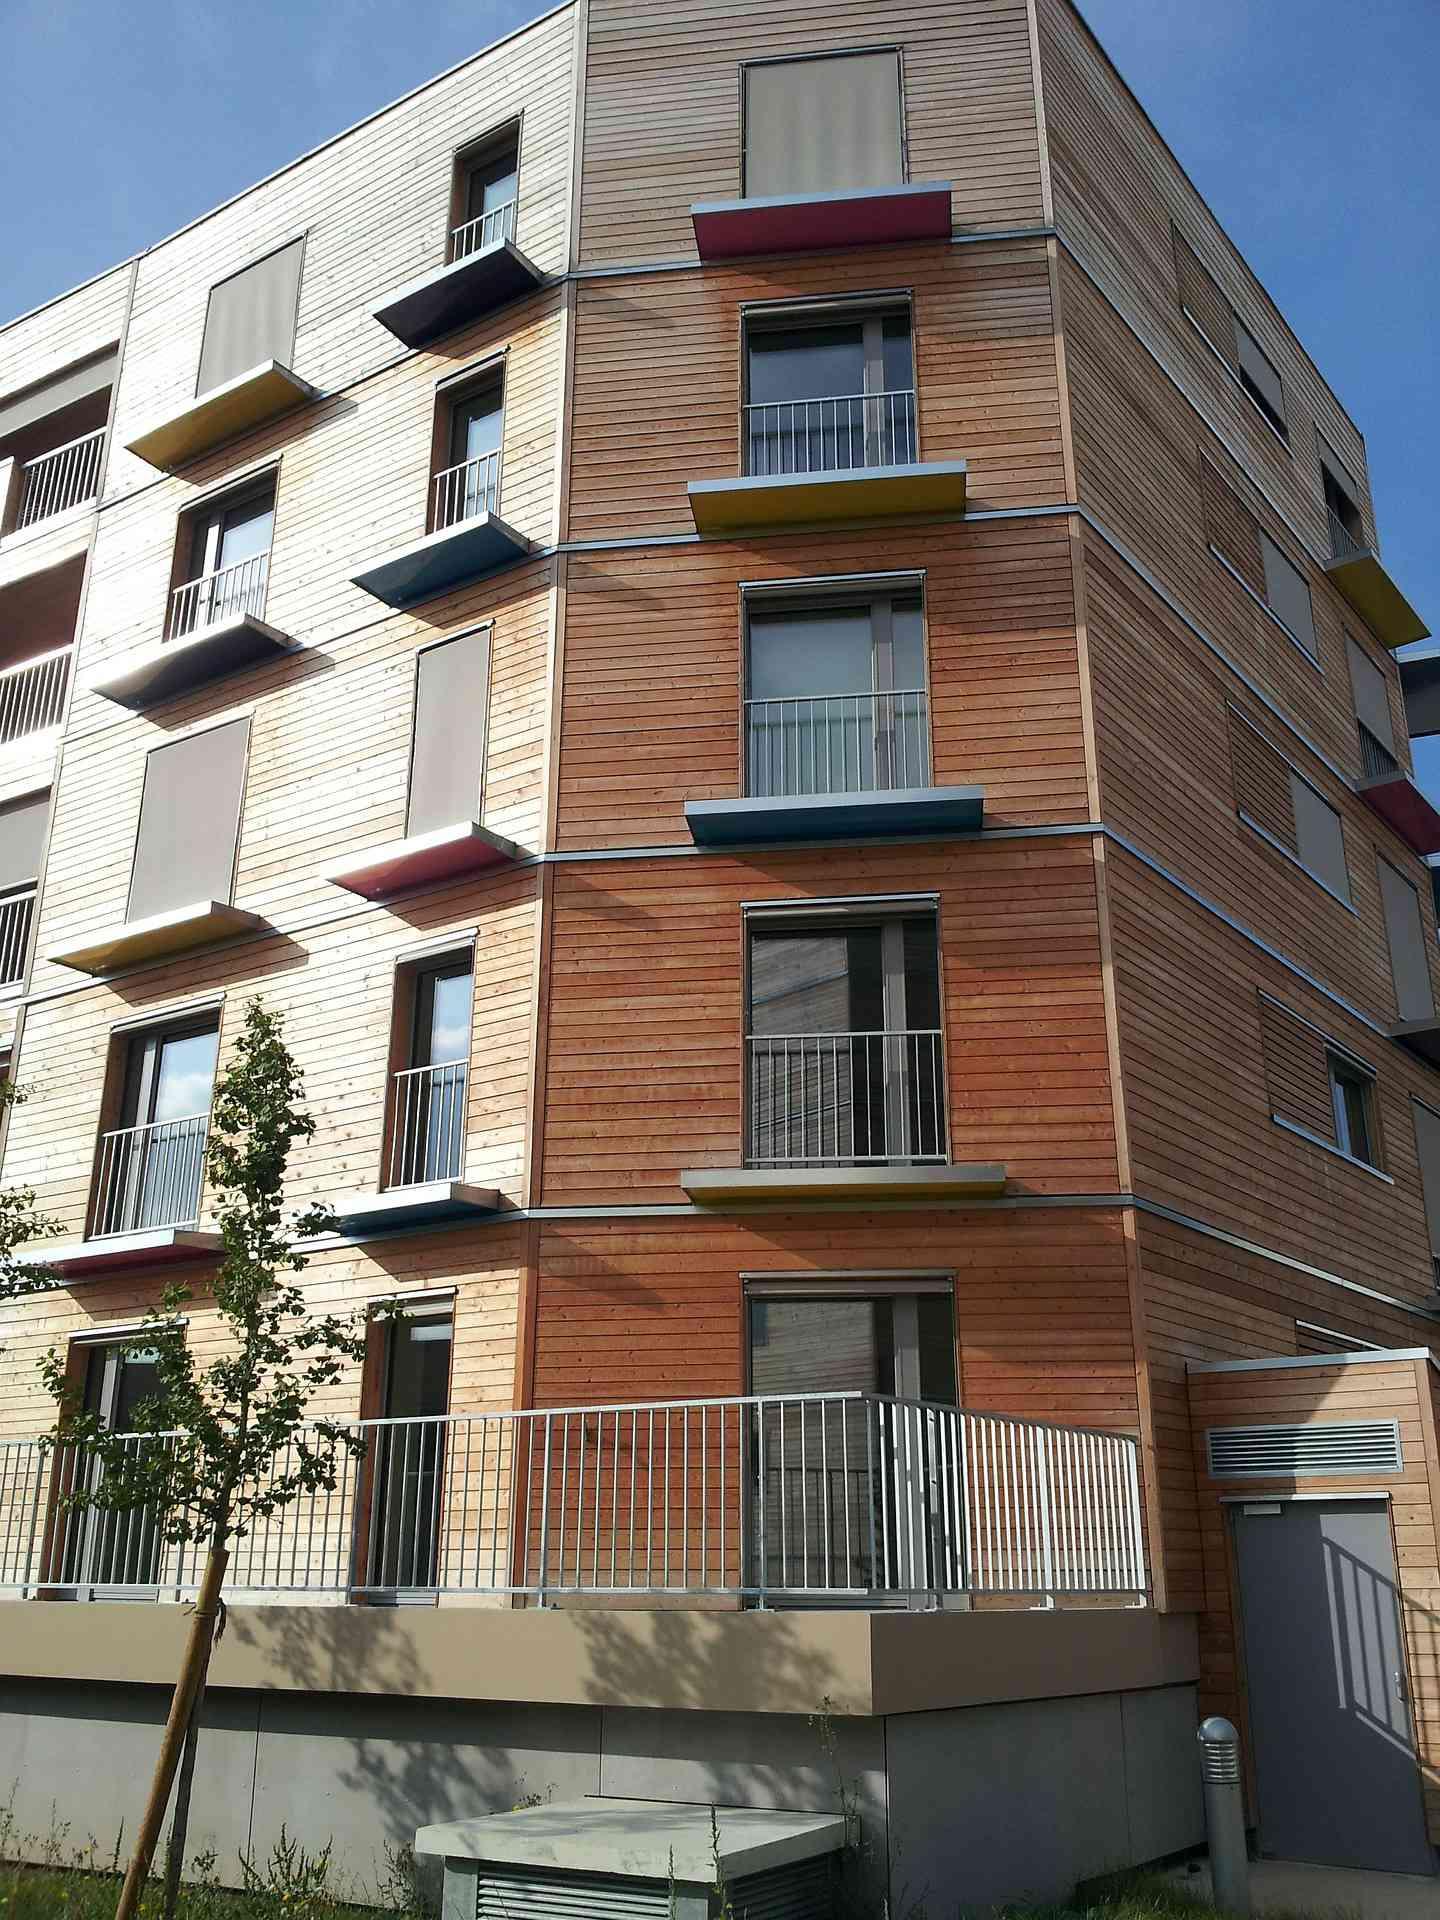 Logement collectif bois - Immeuble